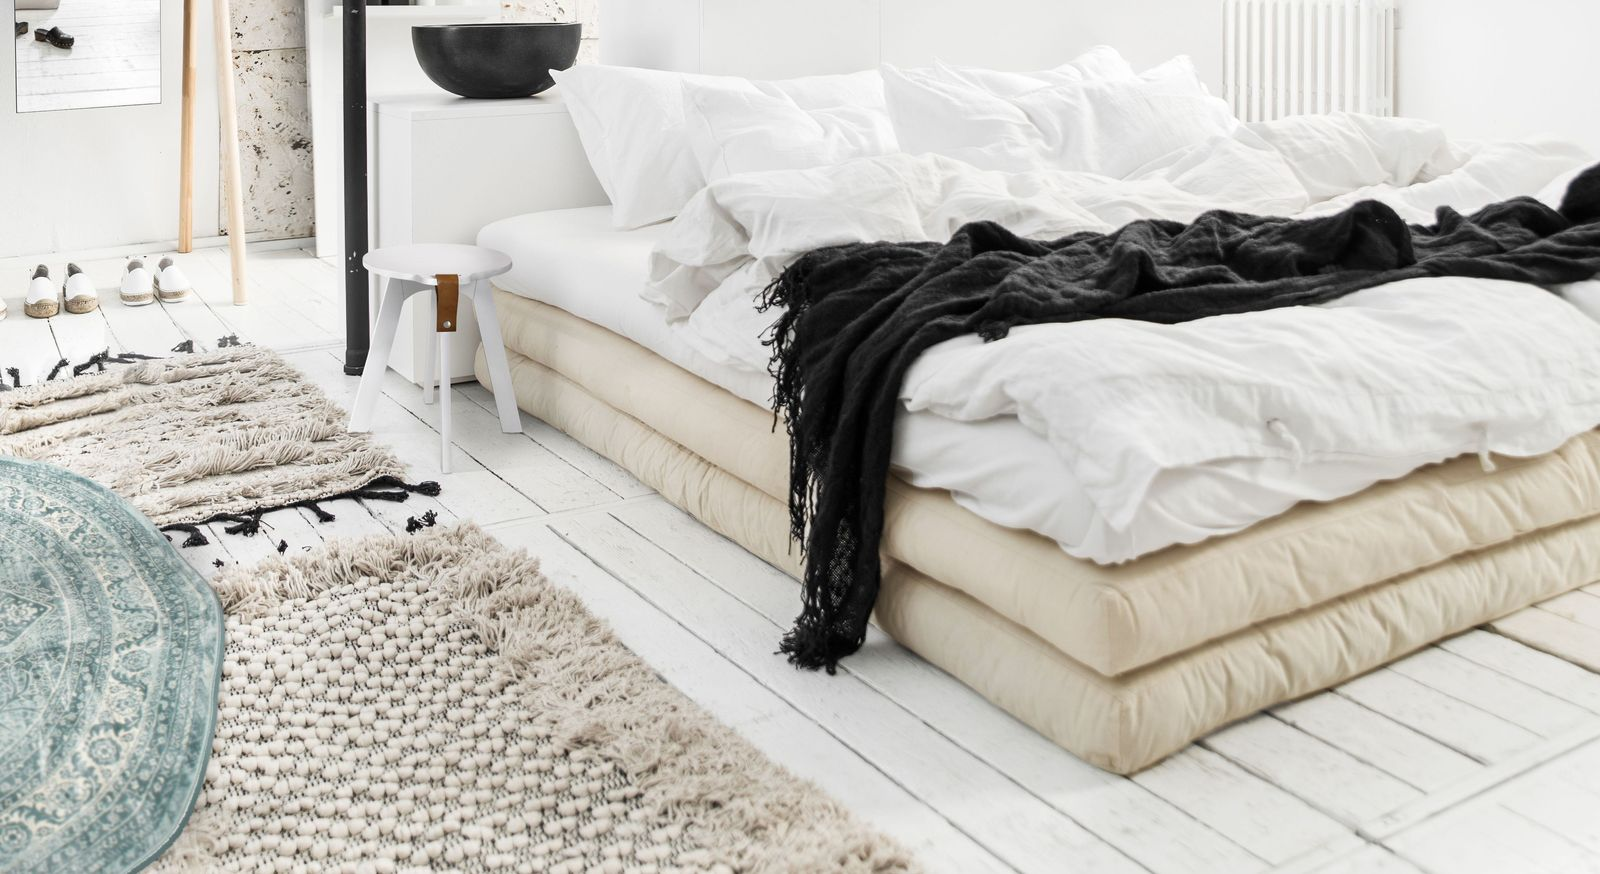 Futonbett Toffia mit komfortablen Matratzen